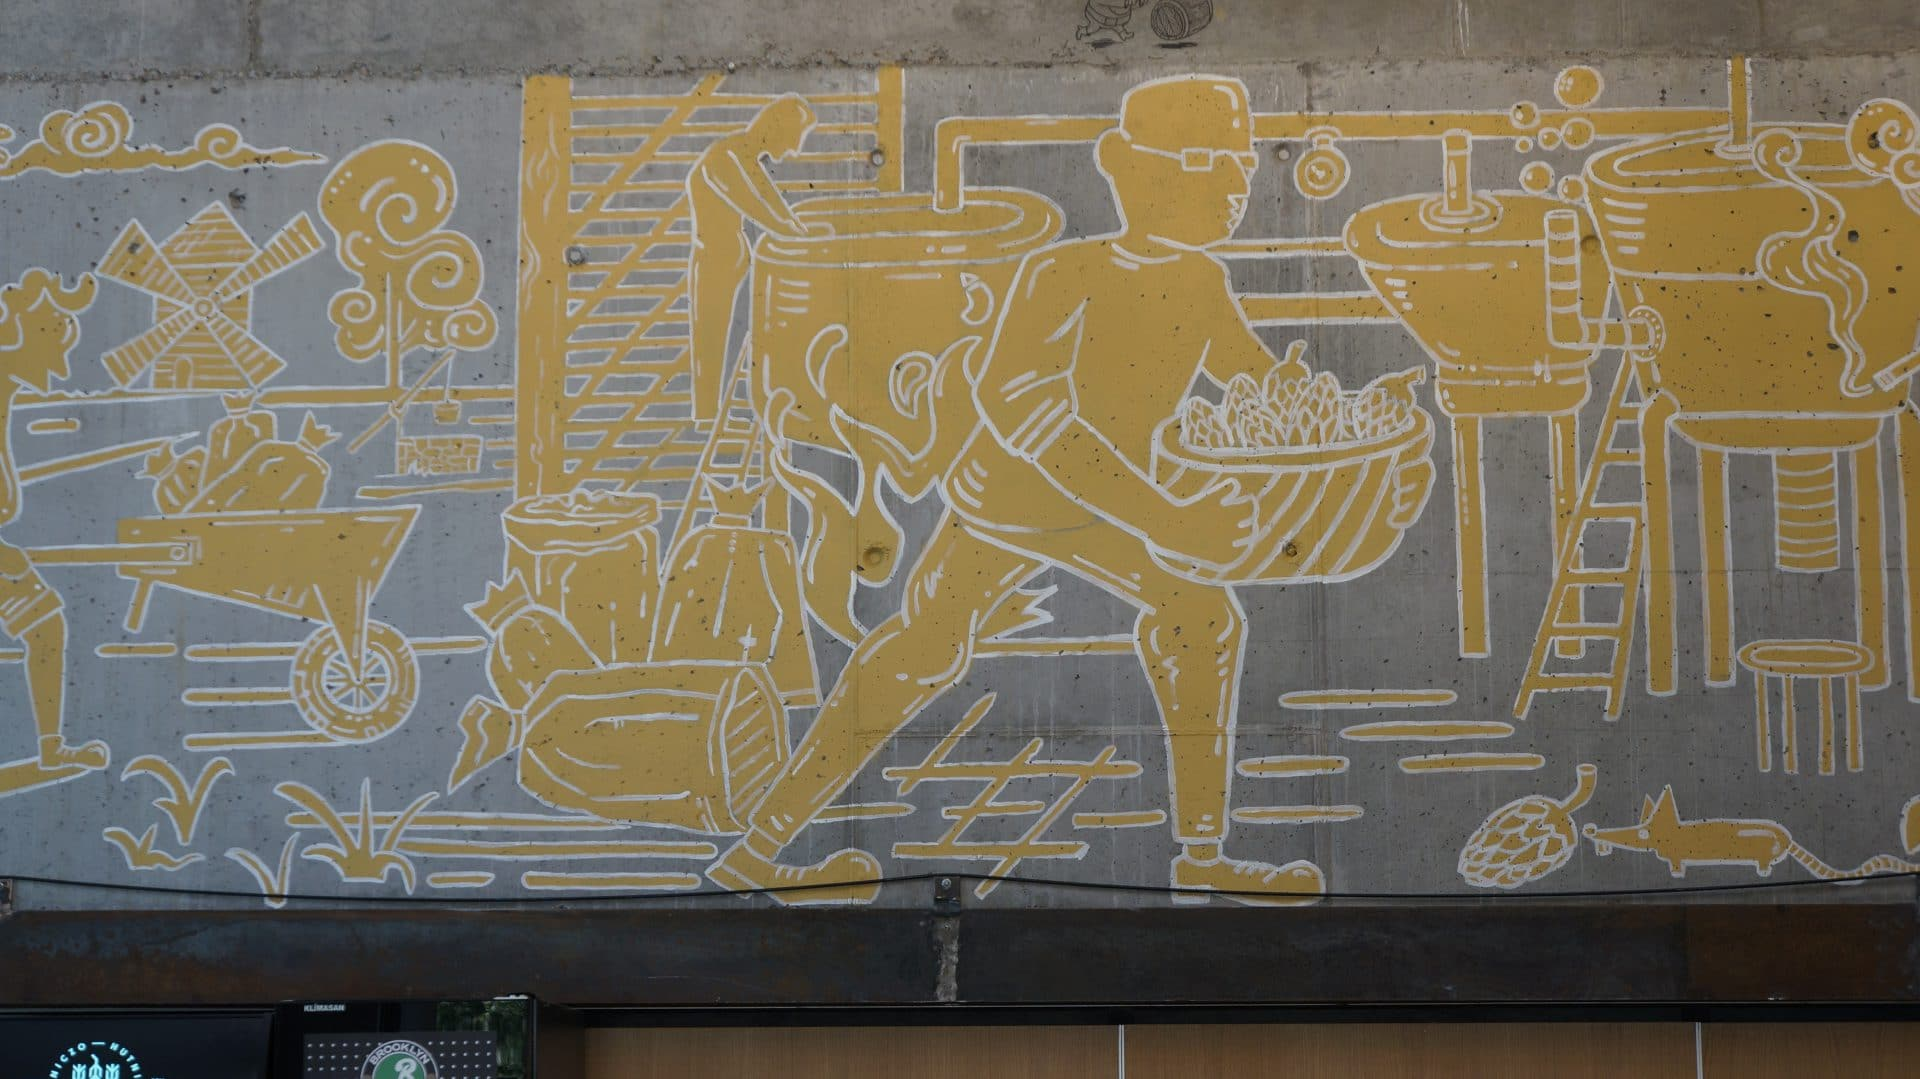 Ściany ozdabia mozaika, na której przedstawiono założycieli restauracji ważących piwo.